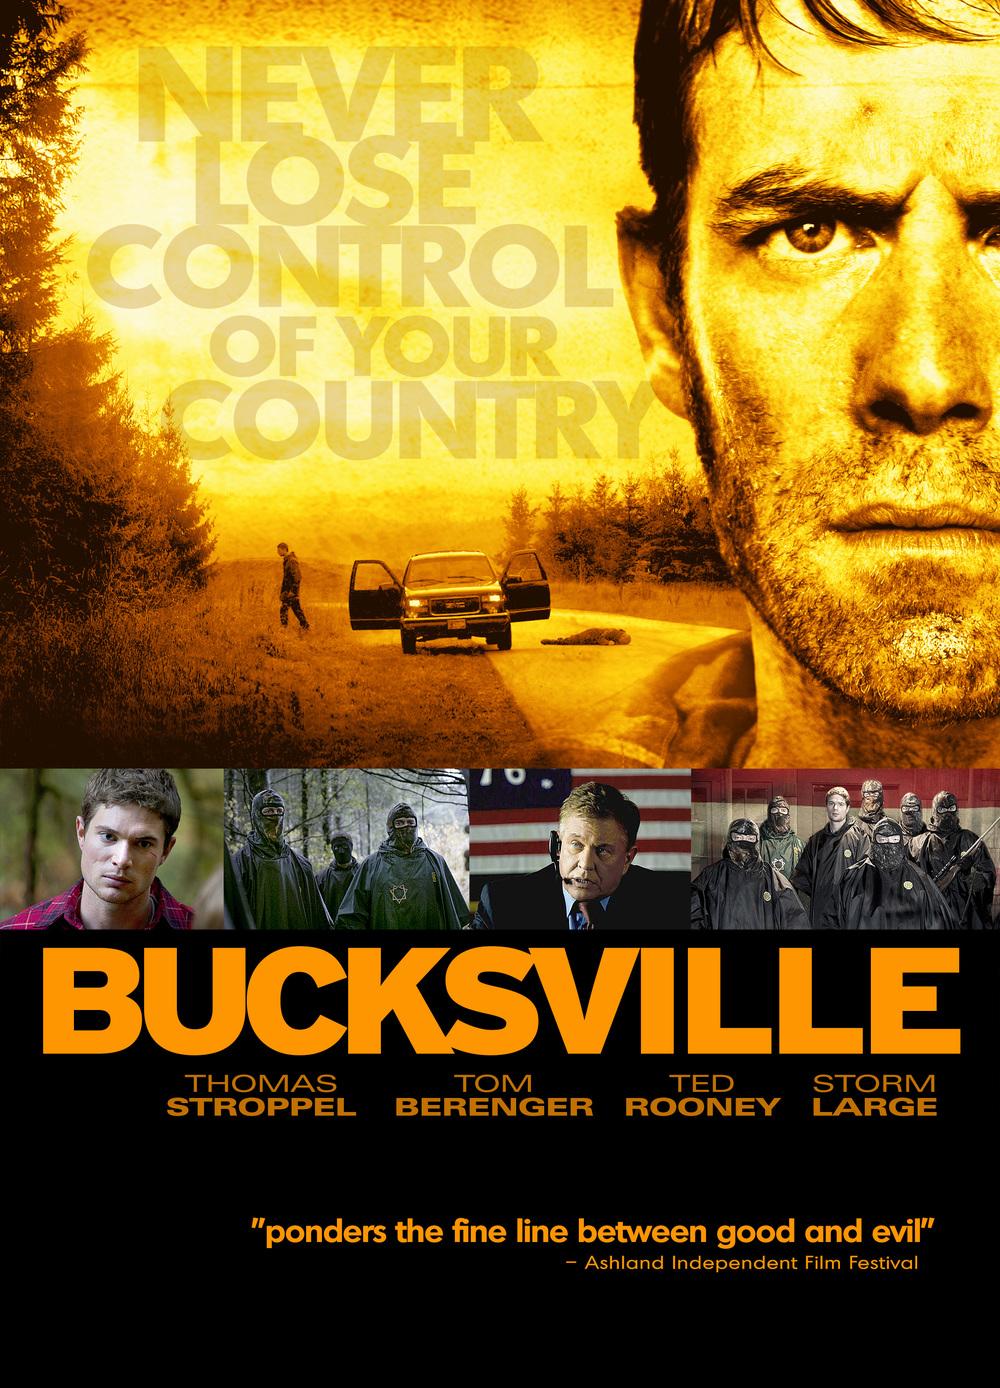 bucksville.jpg